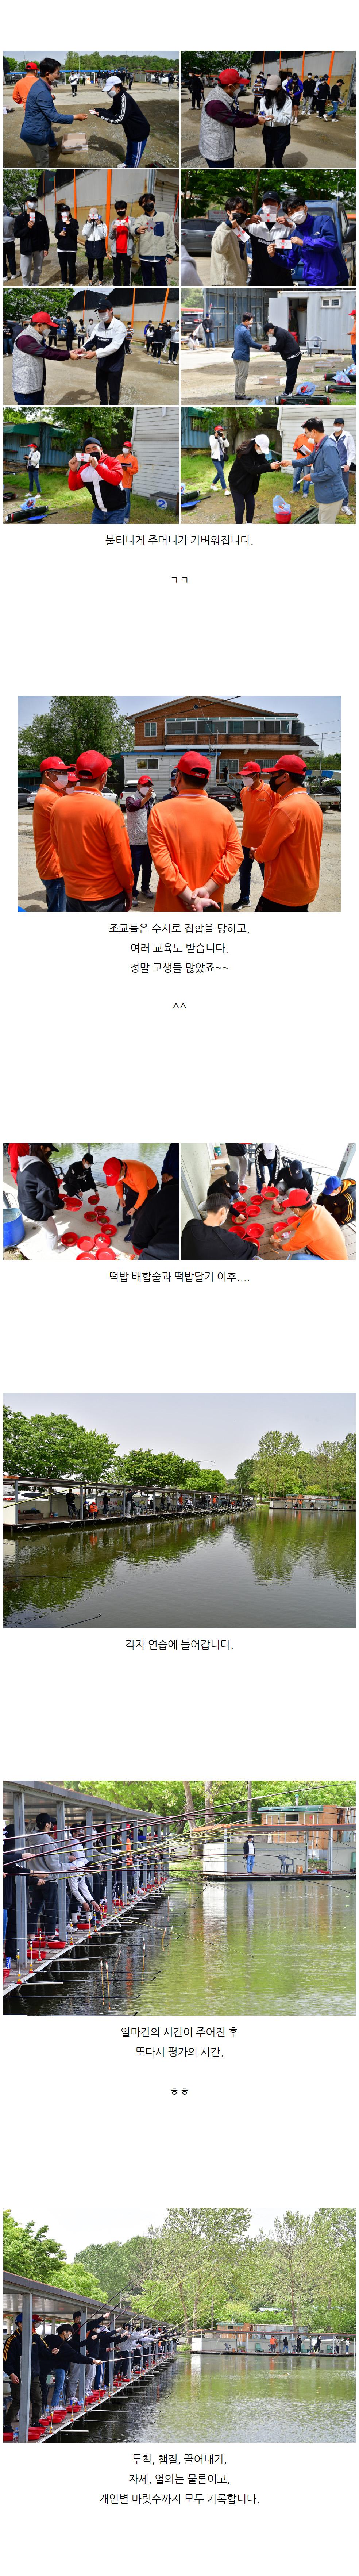 군계일학 성제현대표 경기대 낚시학 강의 - 03.jpg